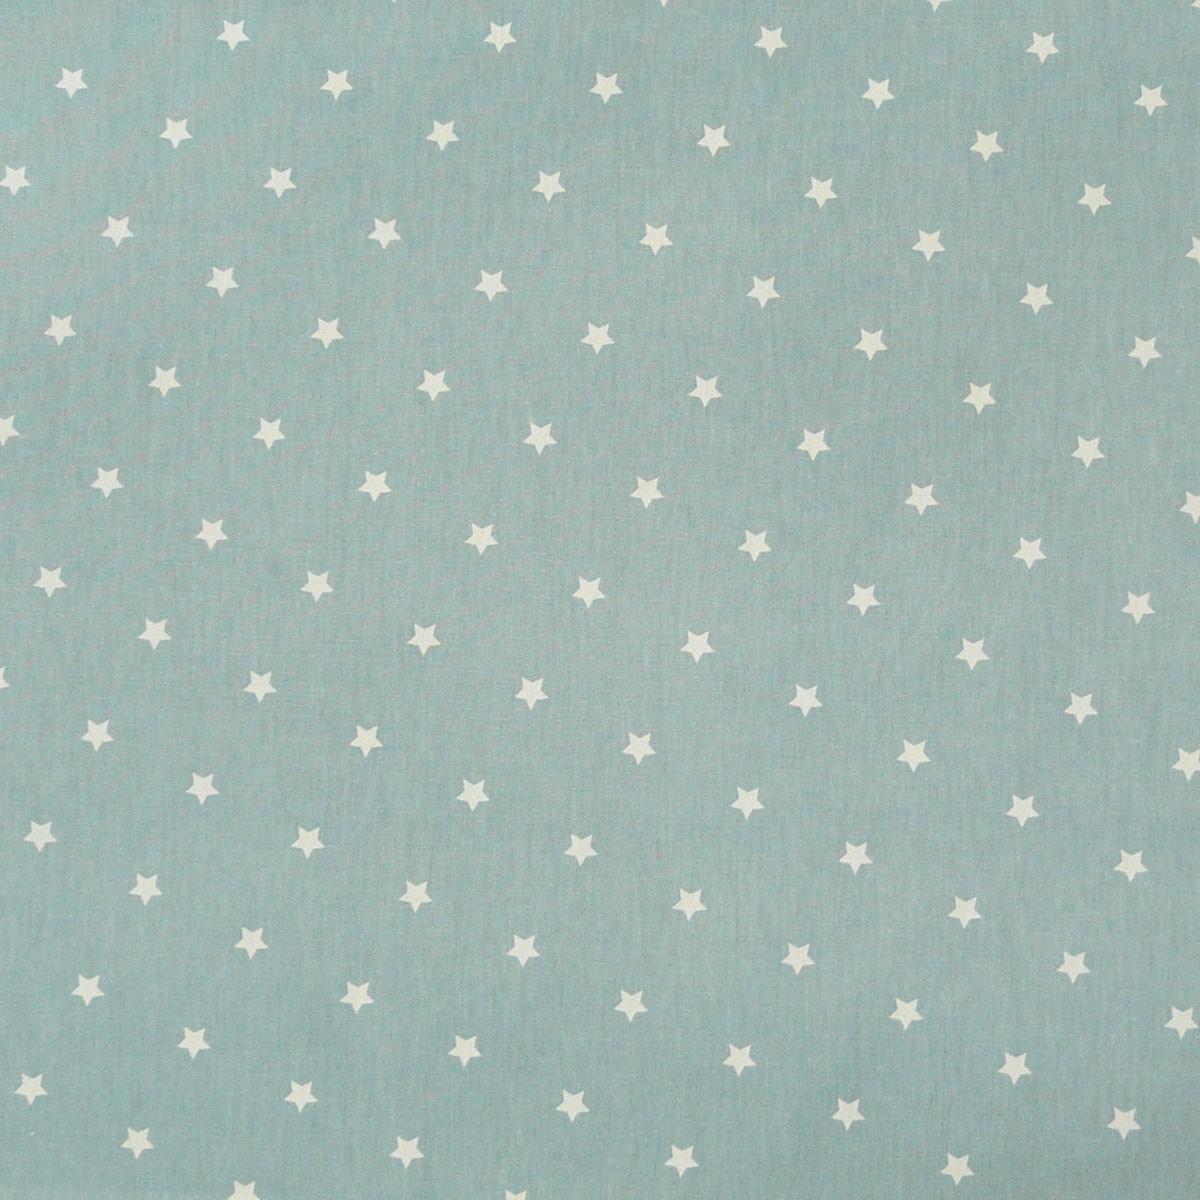 Baumwollstoff Twinkle Sterne graublau weiß Stoff Gardinenstoff Dekostoff